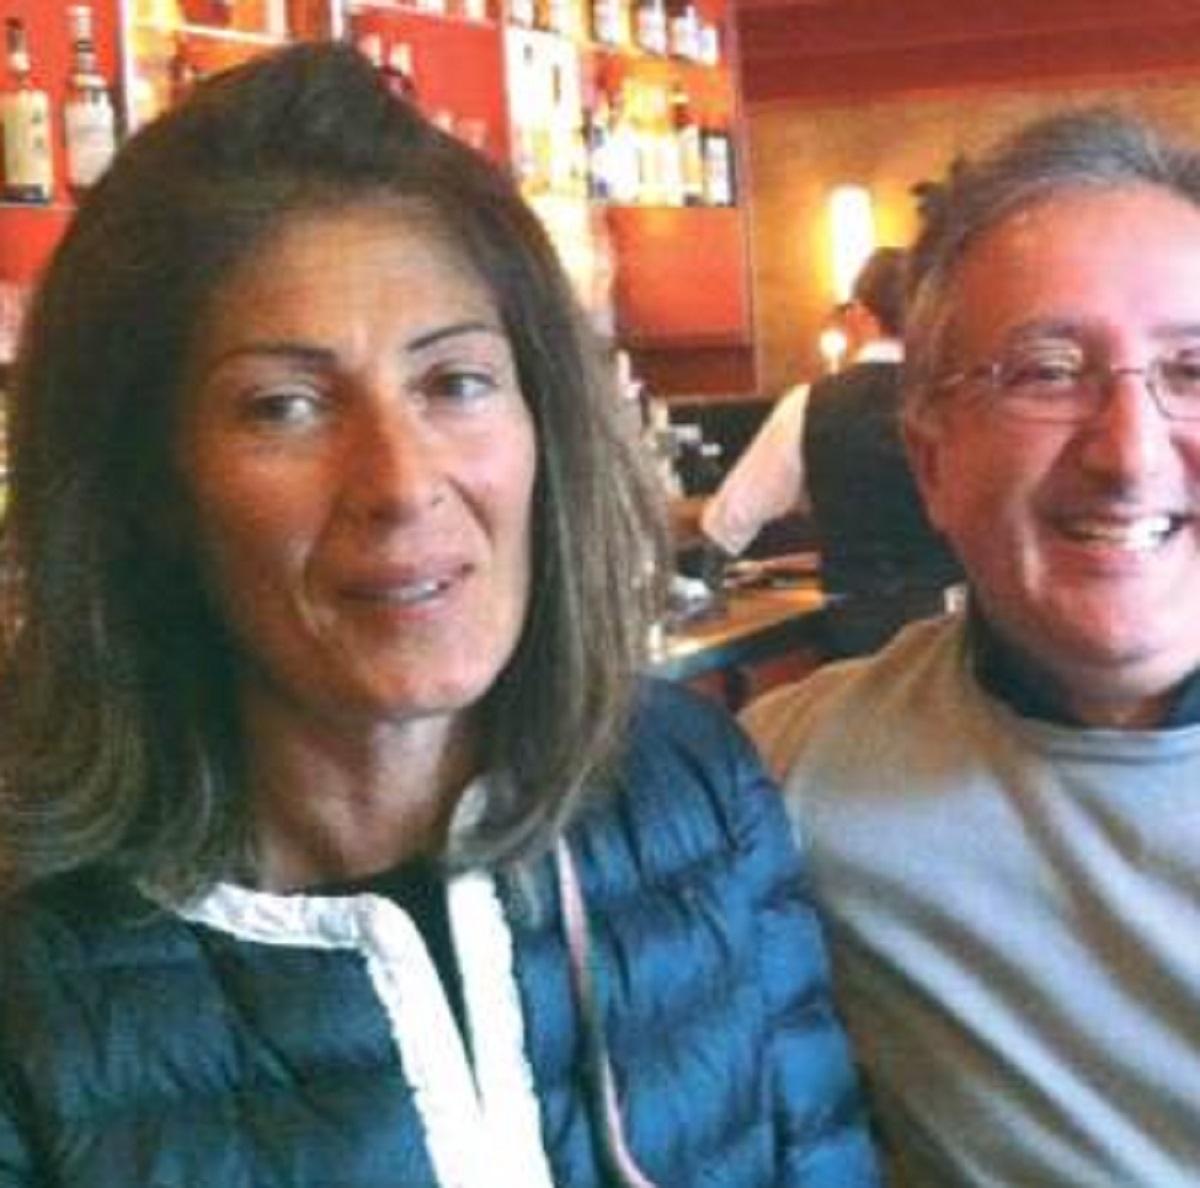 Isabella Ricci Uomini e Donne foto passato irriconoscibile